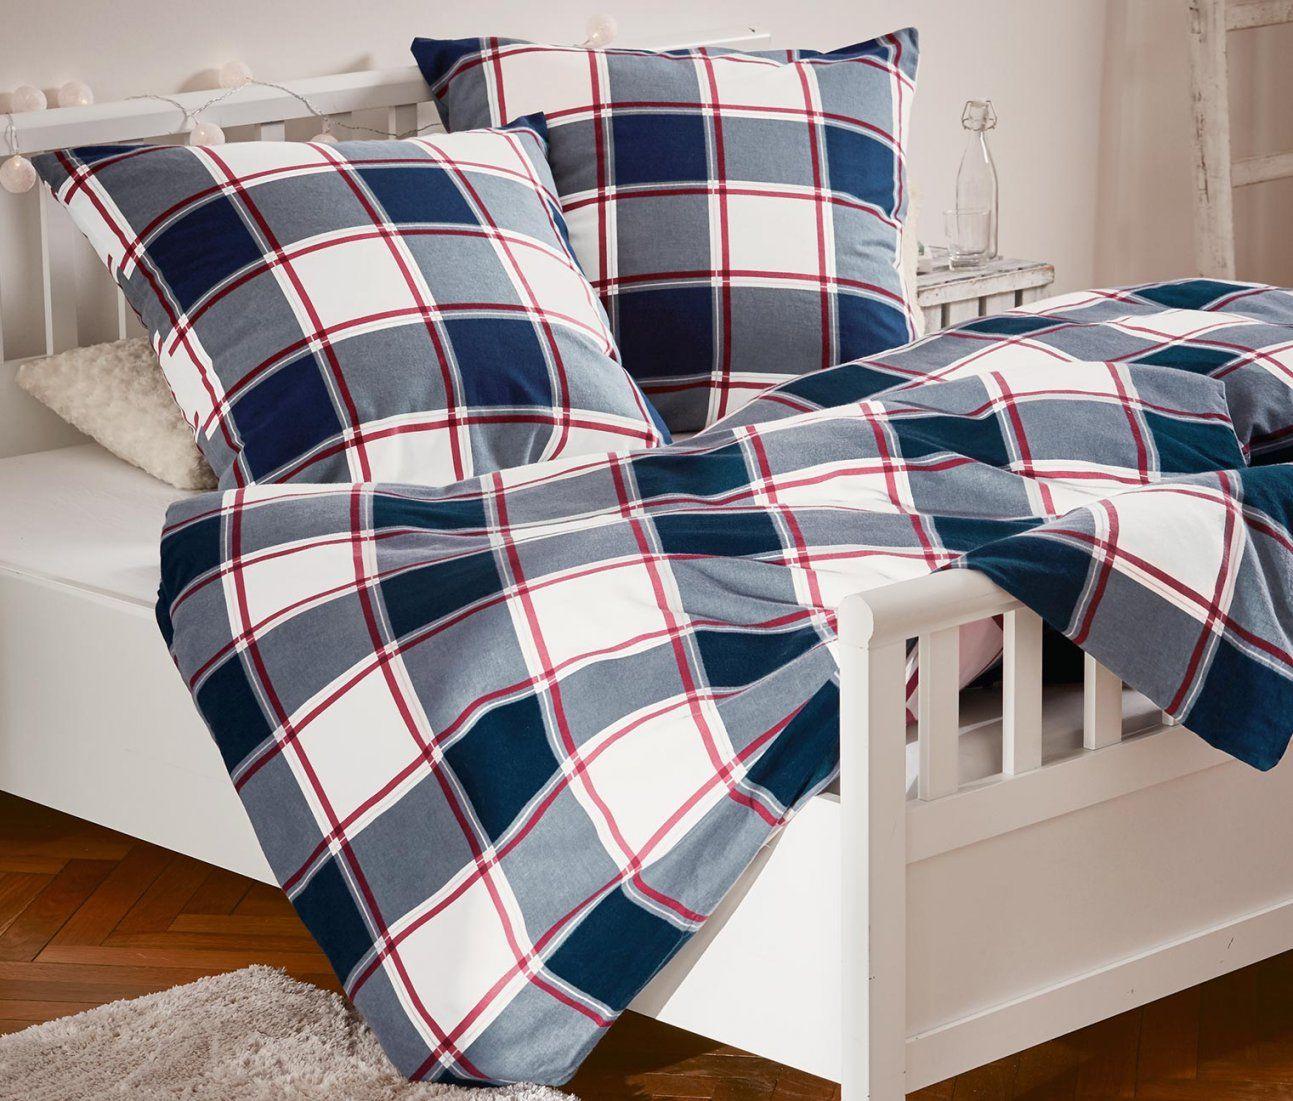 Biberbettwäsche Normalgröße Online Bestellen Bei Tchibo 332102 von Tchibo Biber Bettwäsche Photo